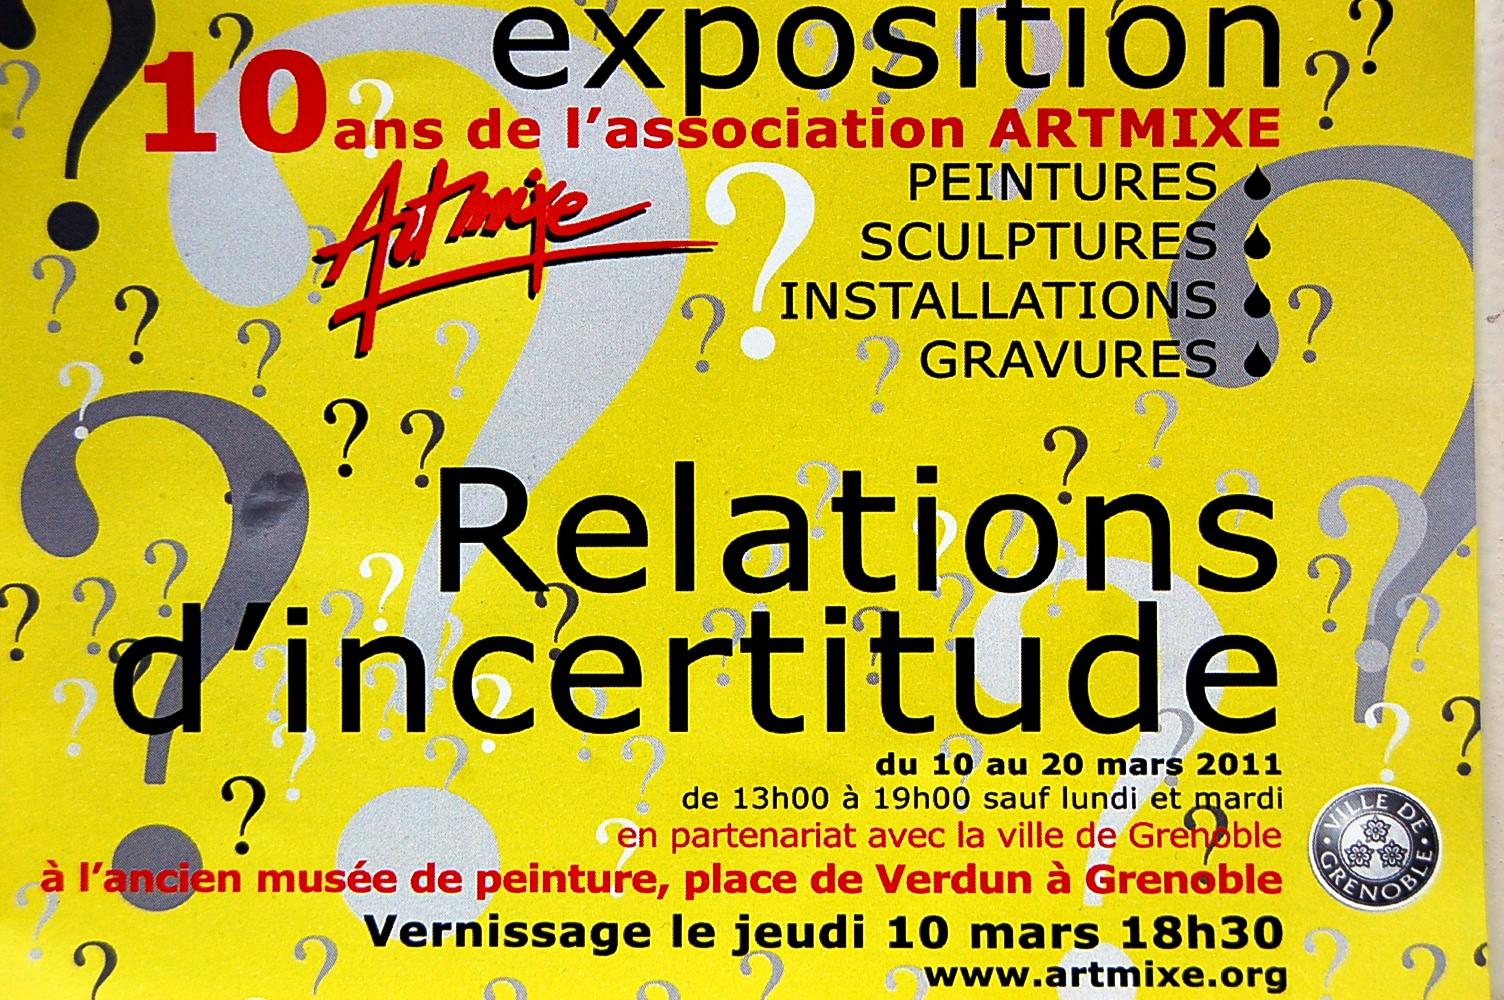 BONNIVARD Pascale: Exposition collective - Ancien musée de Peinture de Grenoble (10 ans d' Artmixe)